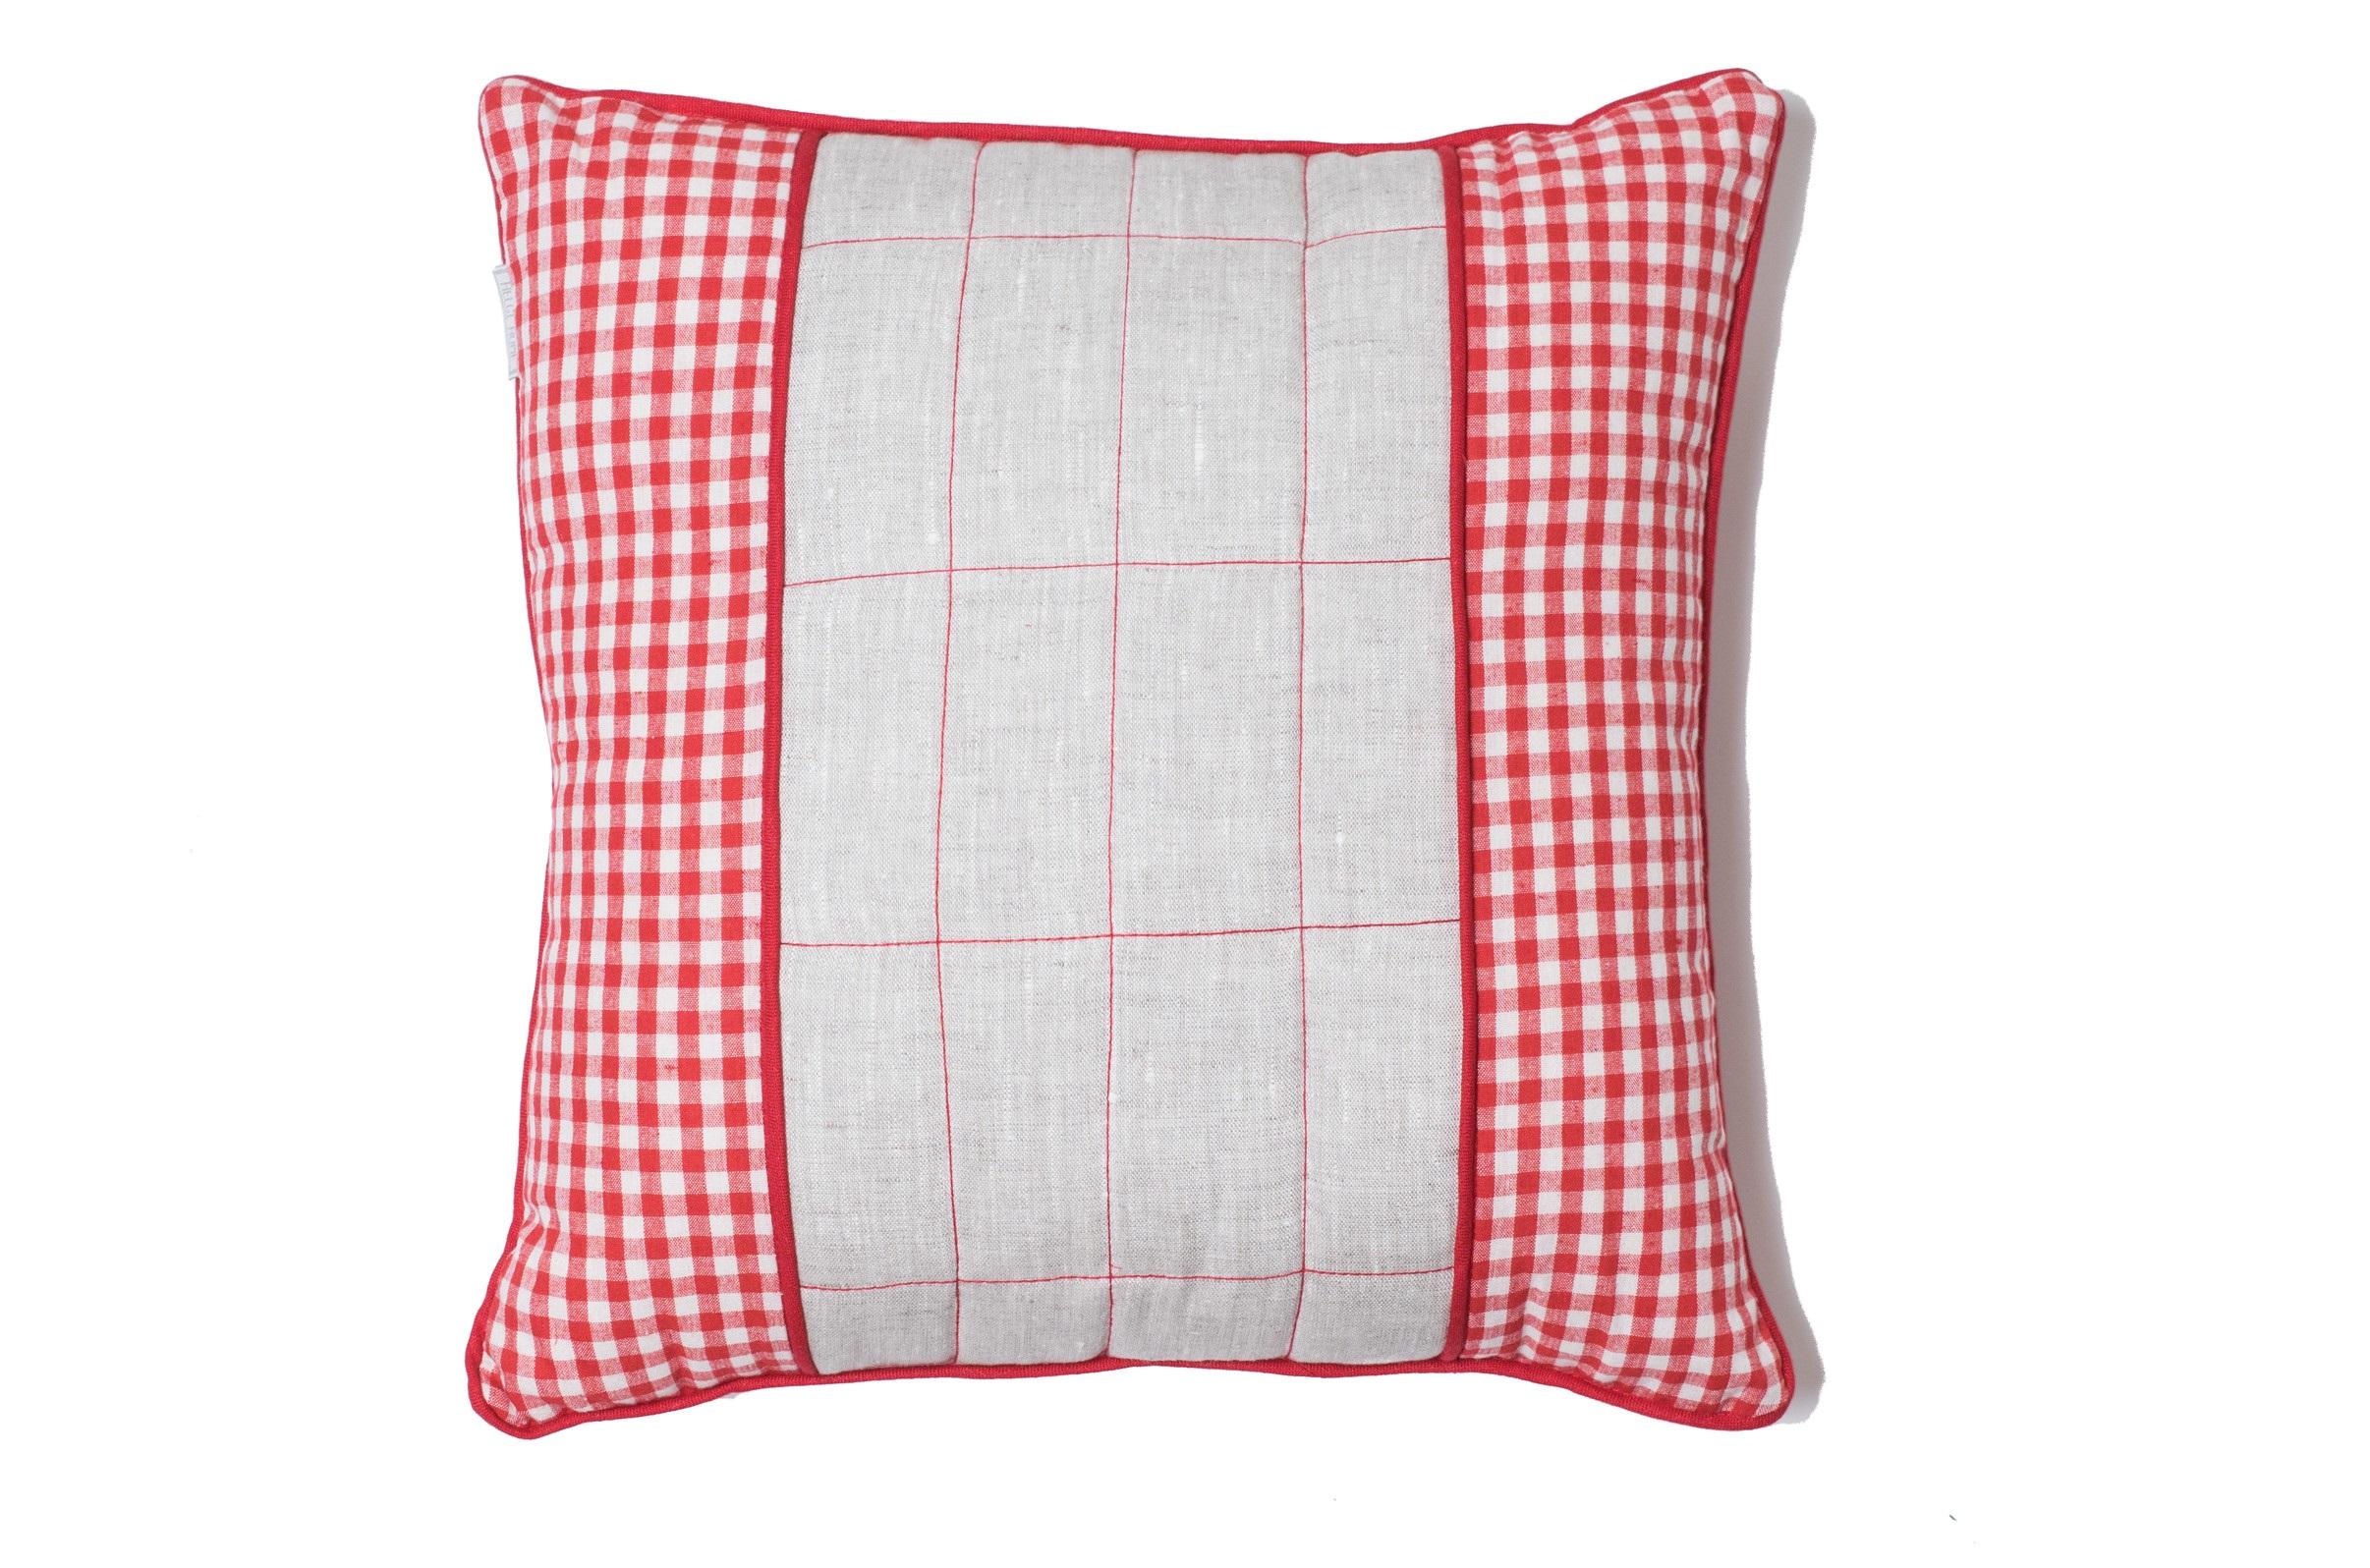 Подушка Датские вафлиКвадратные подушки и наволочки<br>Материал: хлопок 50% + лен 50%<br><br>Material: Хлопок<br>Ширина см: 45<br>Высота см: 8<br>Глубина см: 45